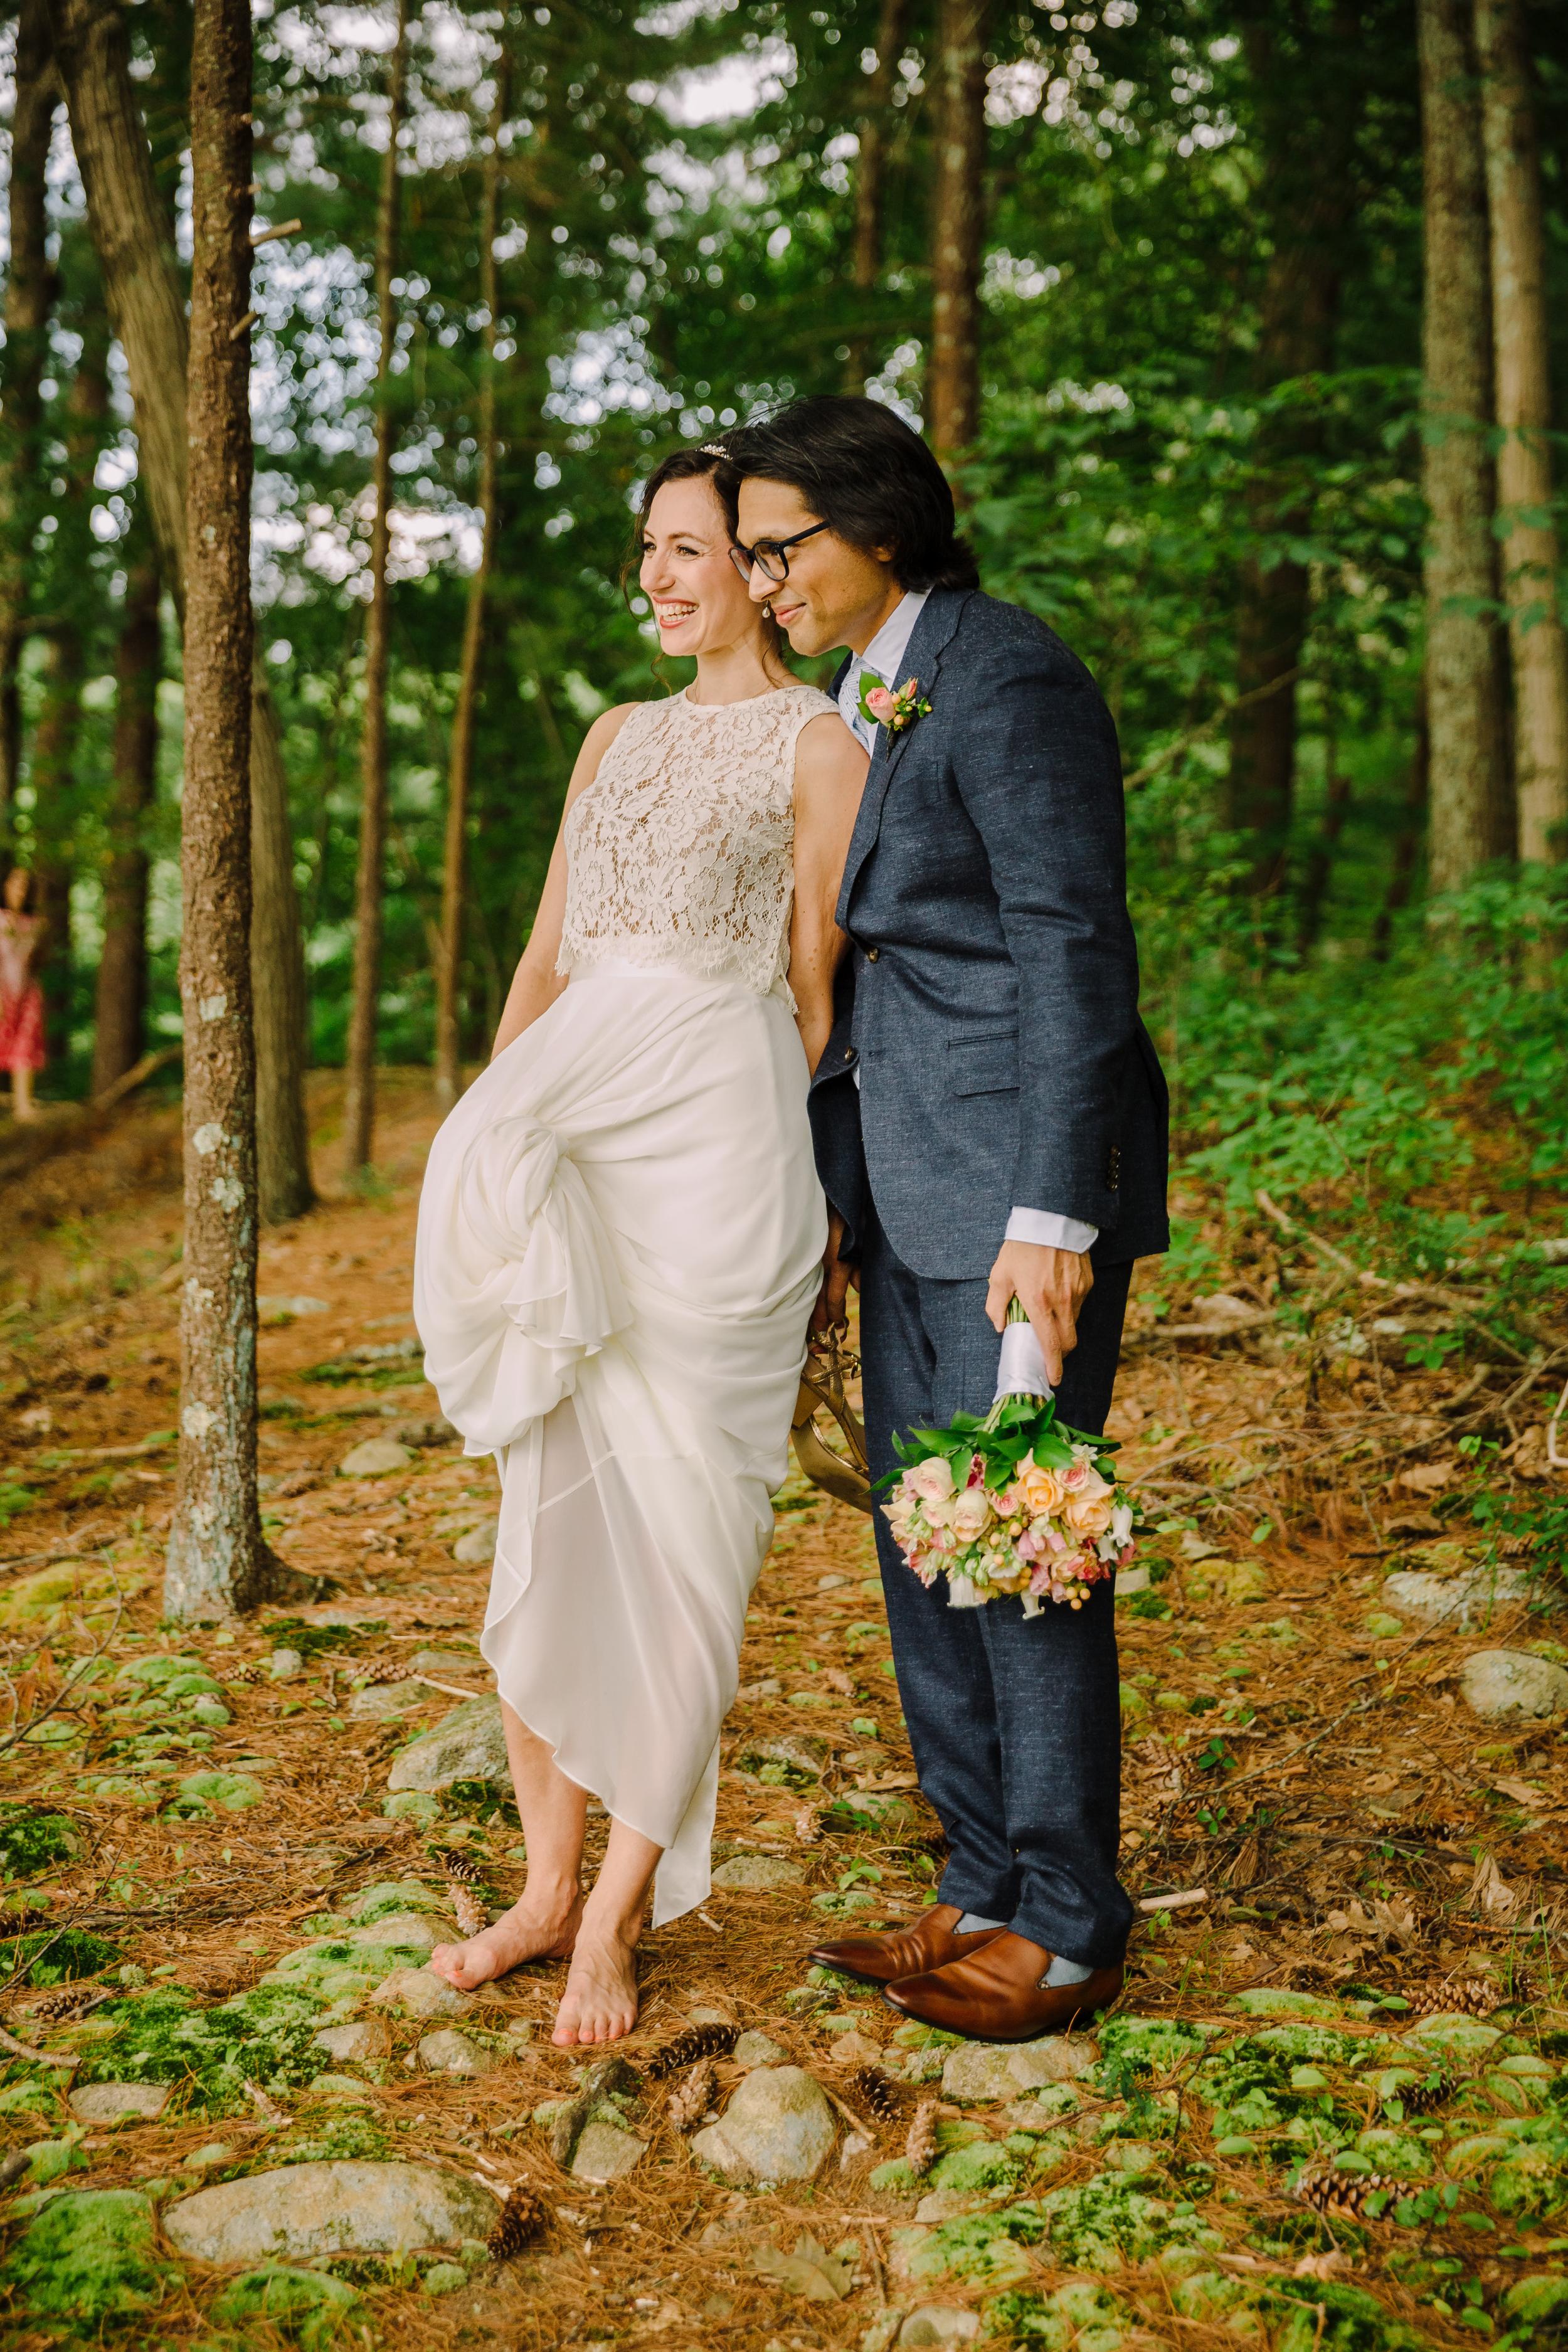 capecod_backyard_wedding_photos_mikhail_13.JPG